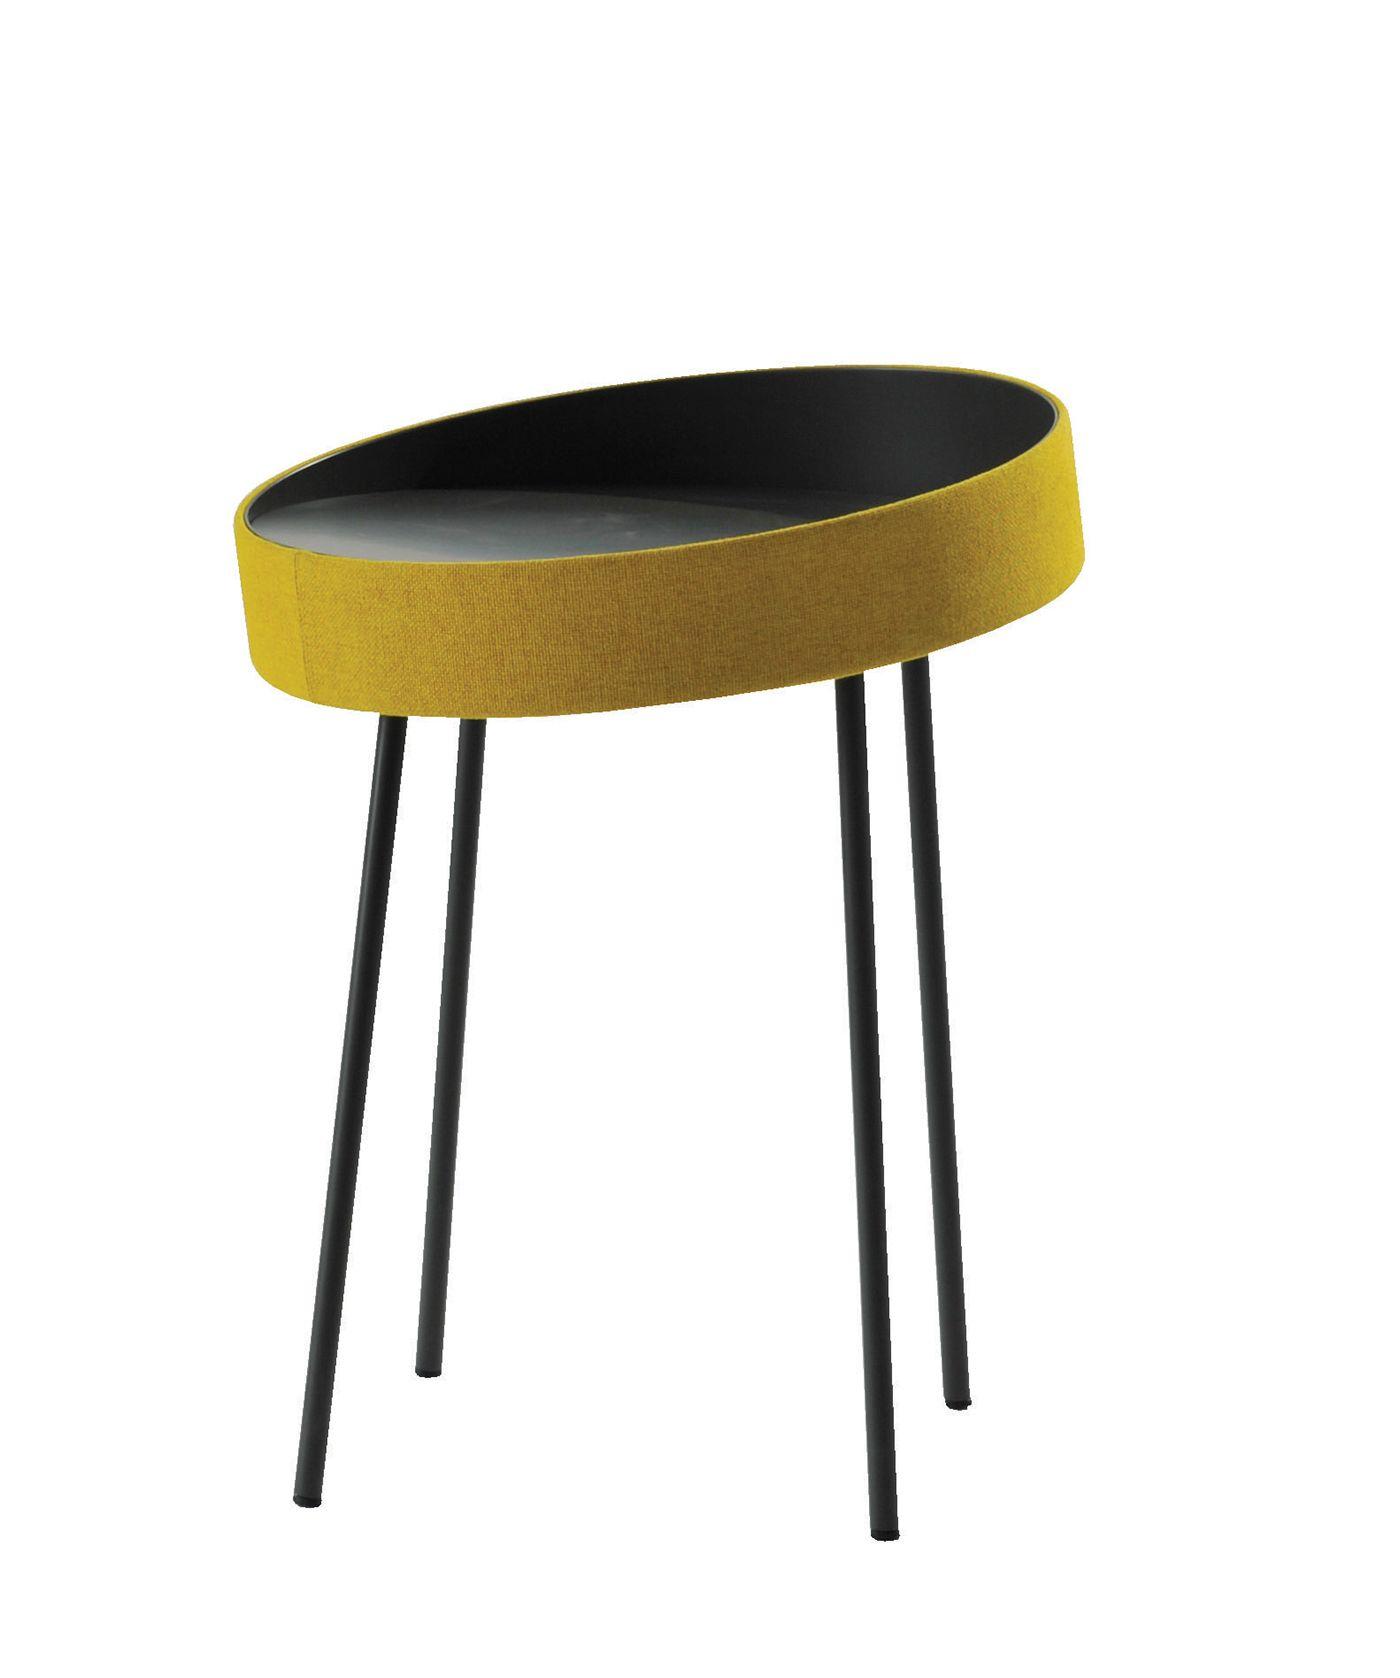 4c2998c89a733f8076ddb8eeb1c1da4a Impressionnant De Tables Basses Roche Bobois Des Idées